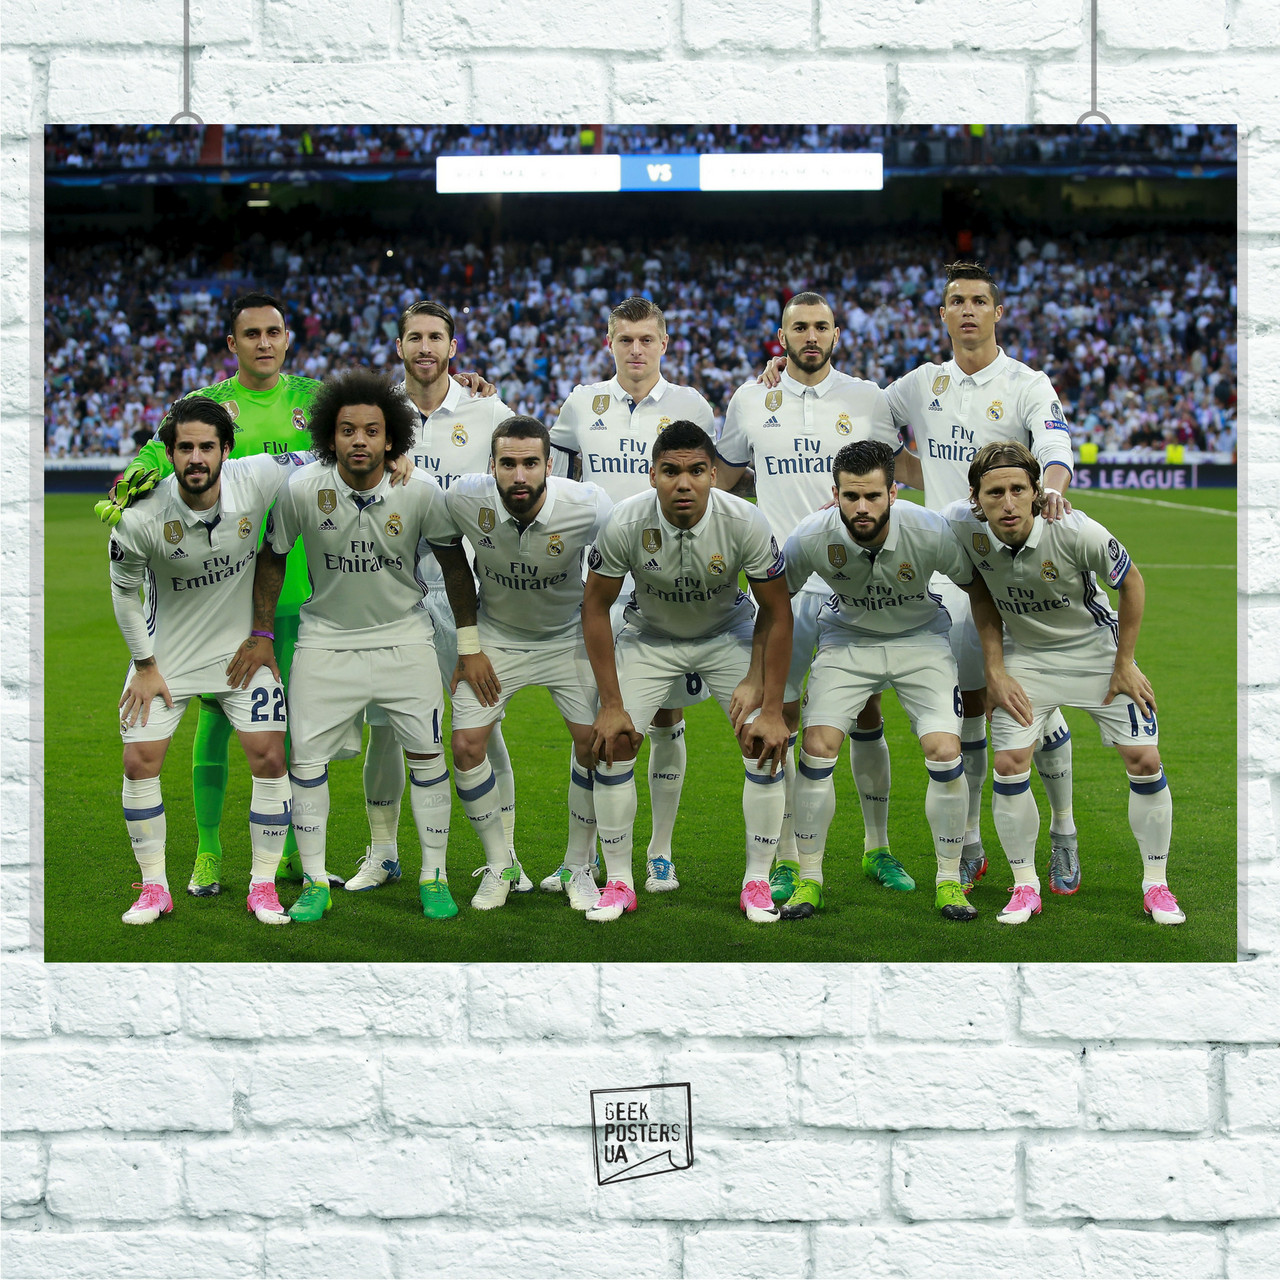 Постер Real Madrid, Реал Мадрид, футболисты, команда. Размер 60x42см (A2). Глянцевая бумага